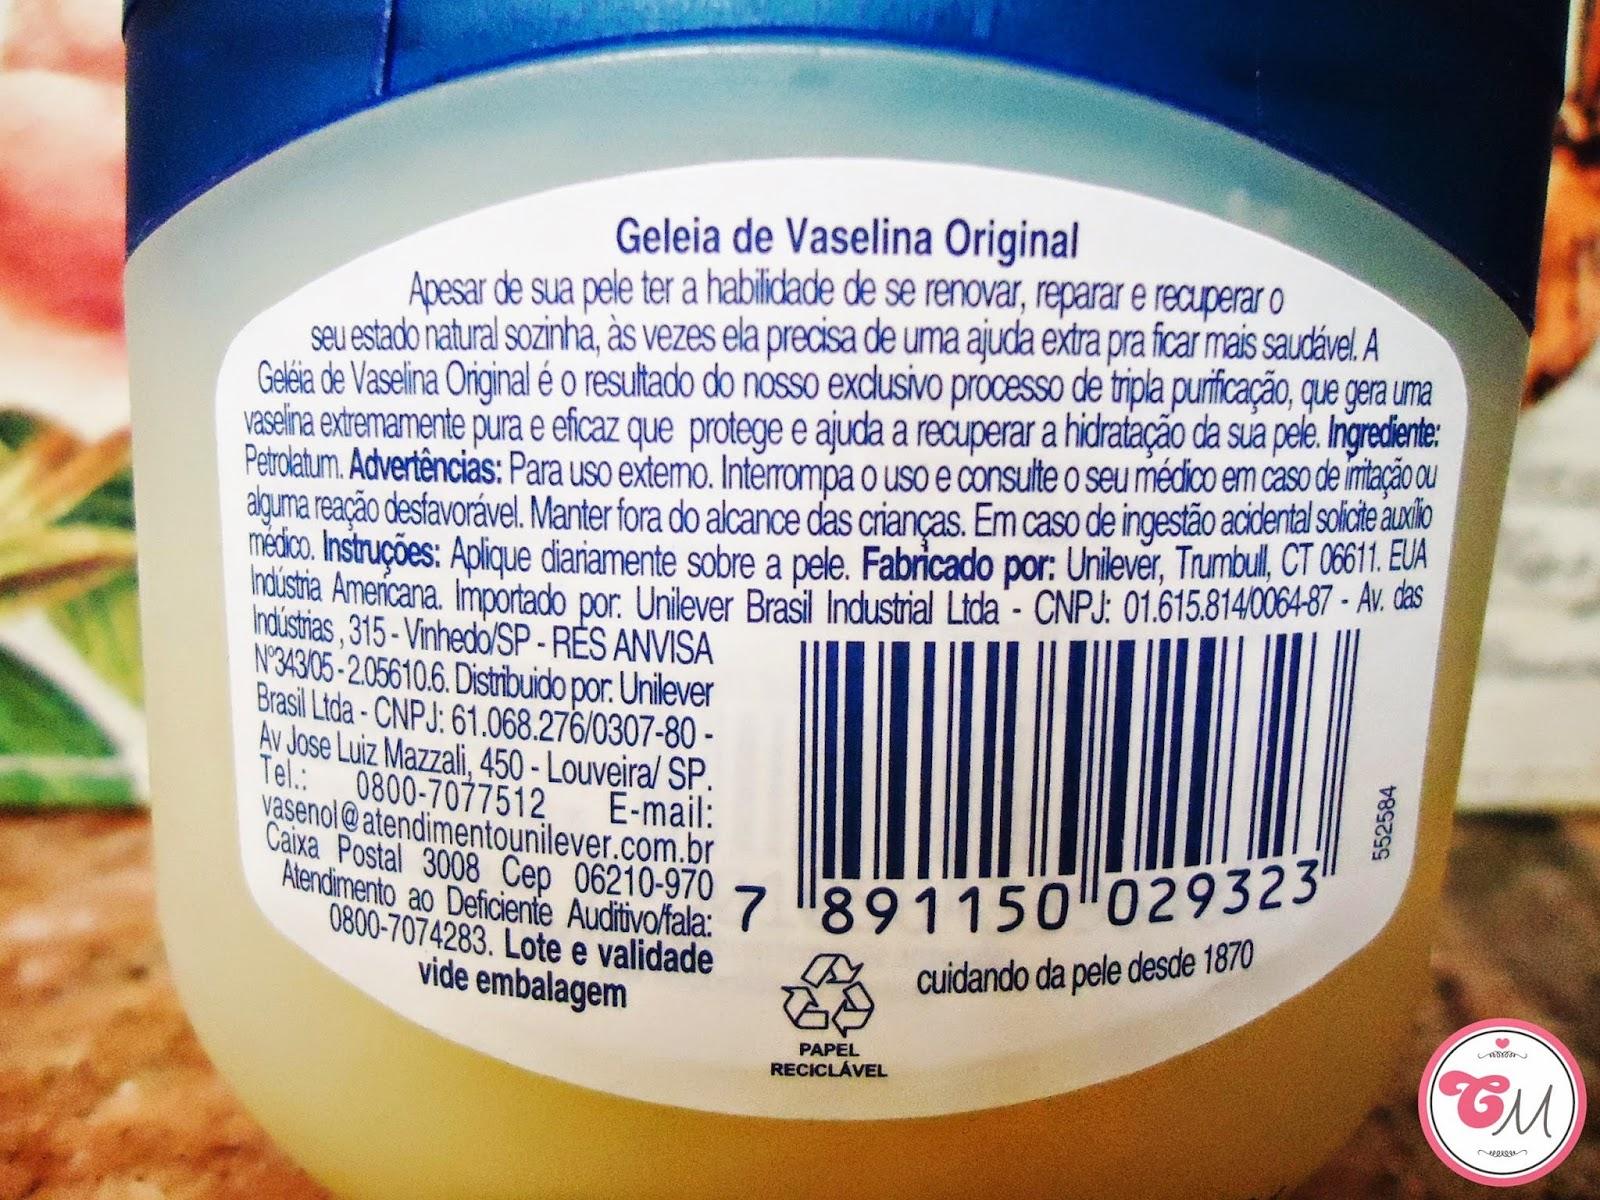 funções da geleia de vaselina original